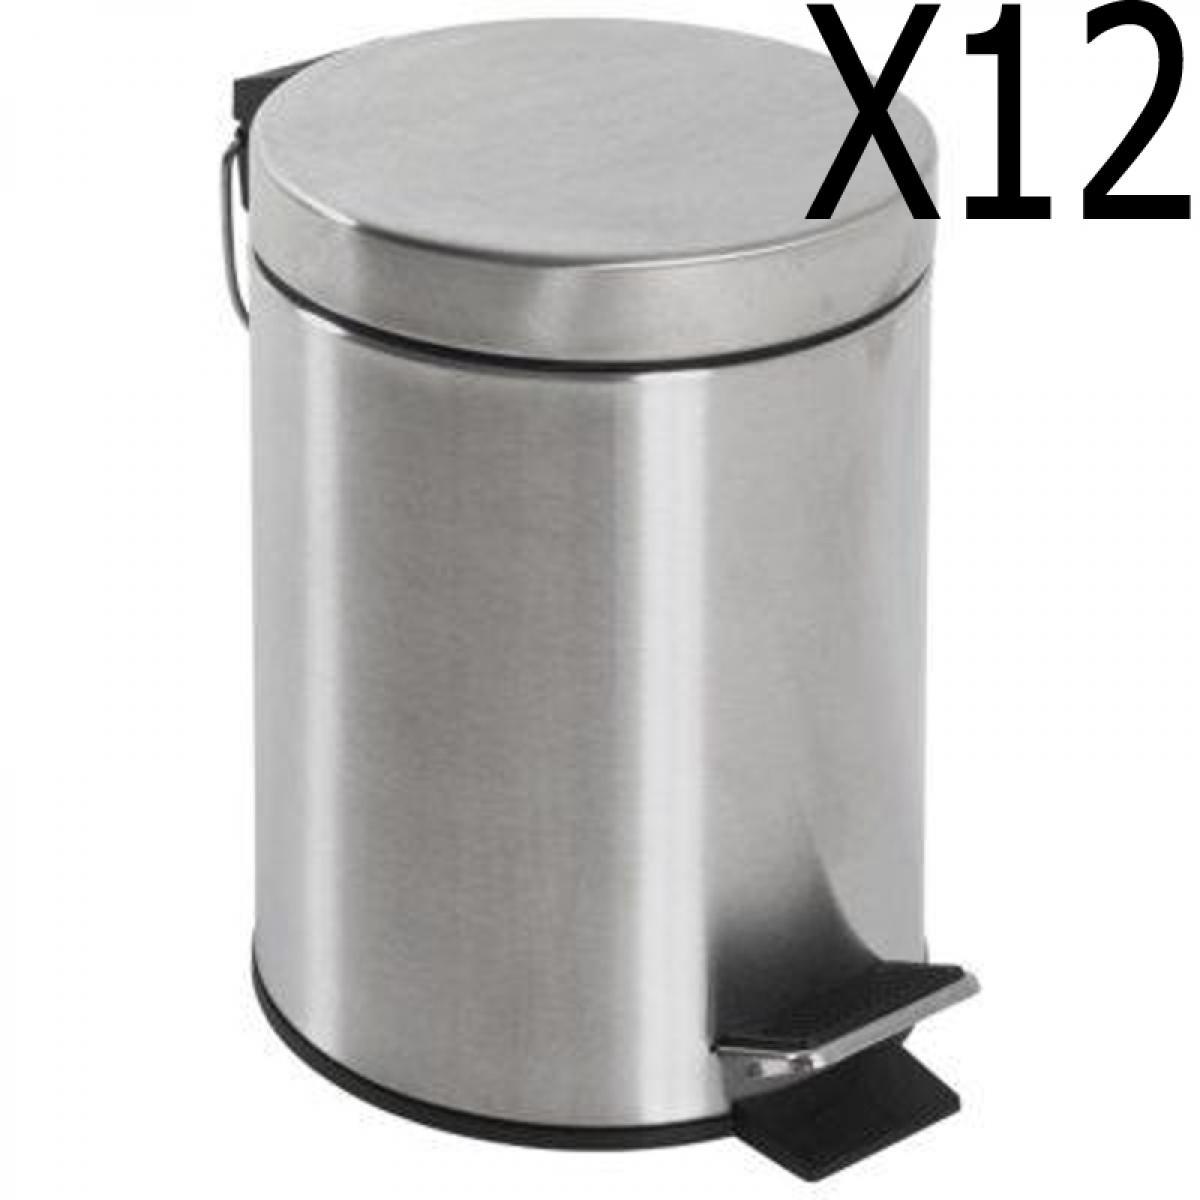 Pegane Lot de 12 poubelles à pédale coloris inox mat - H 24 x Ø 17 cm